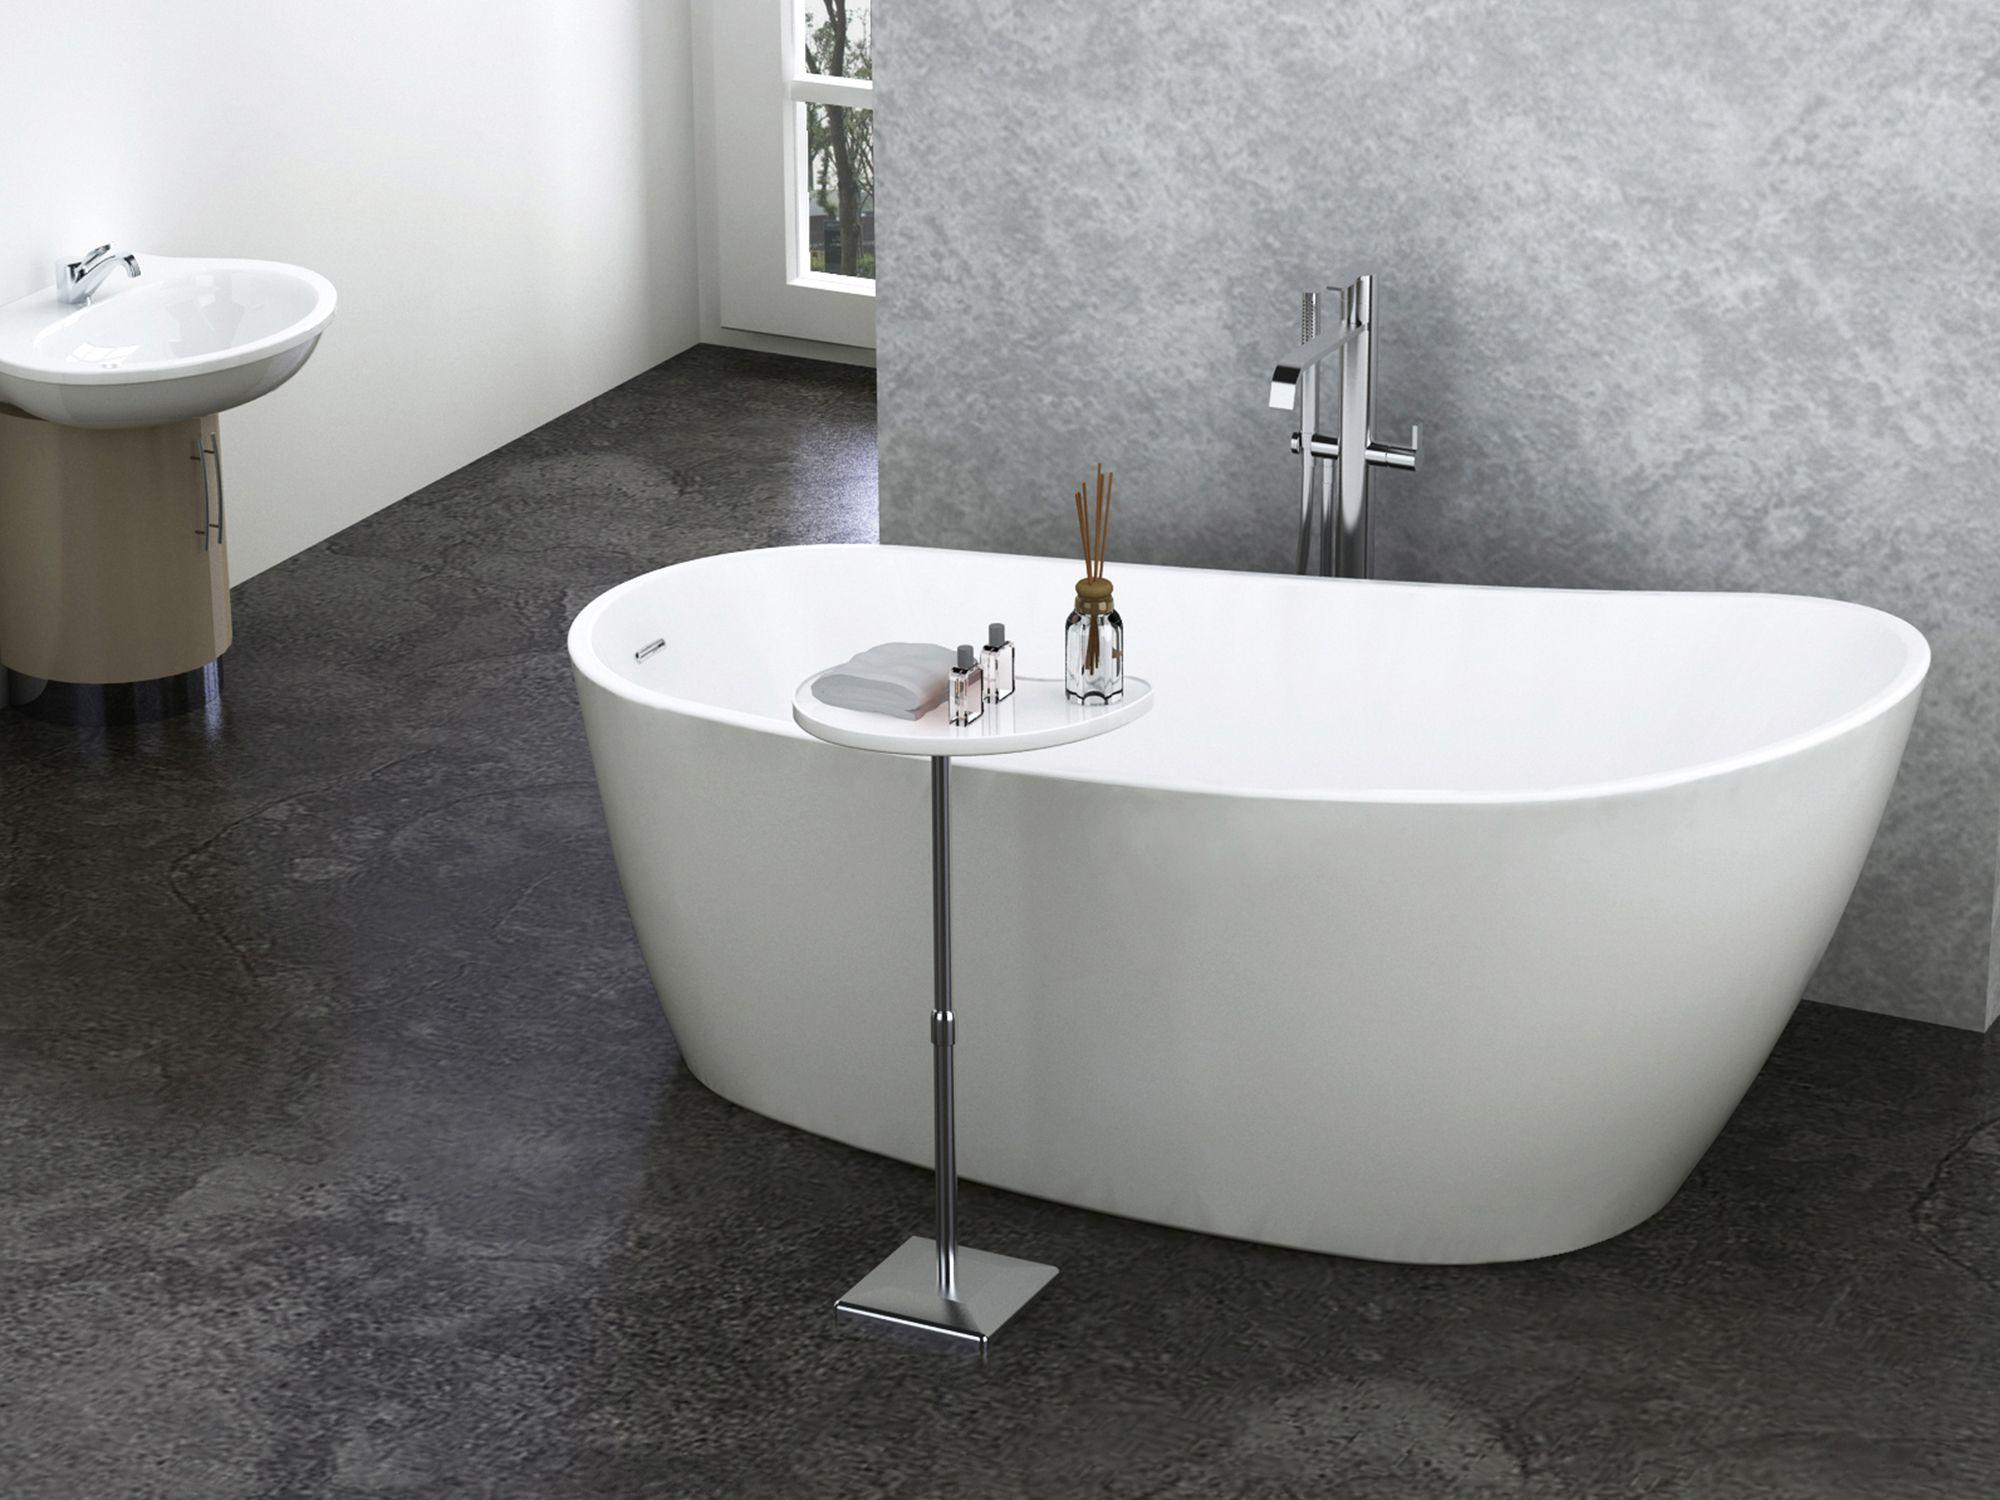 baignoire autoportante minimaliste ideale pour les espaces plus petit d un confort inegale